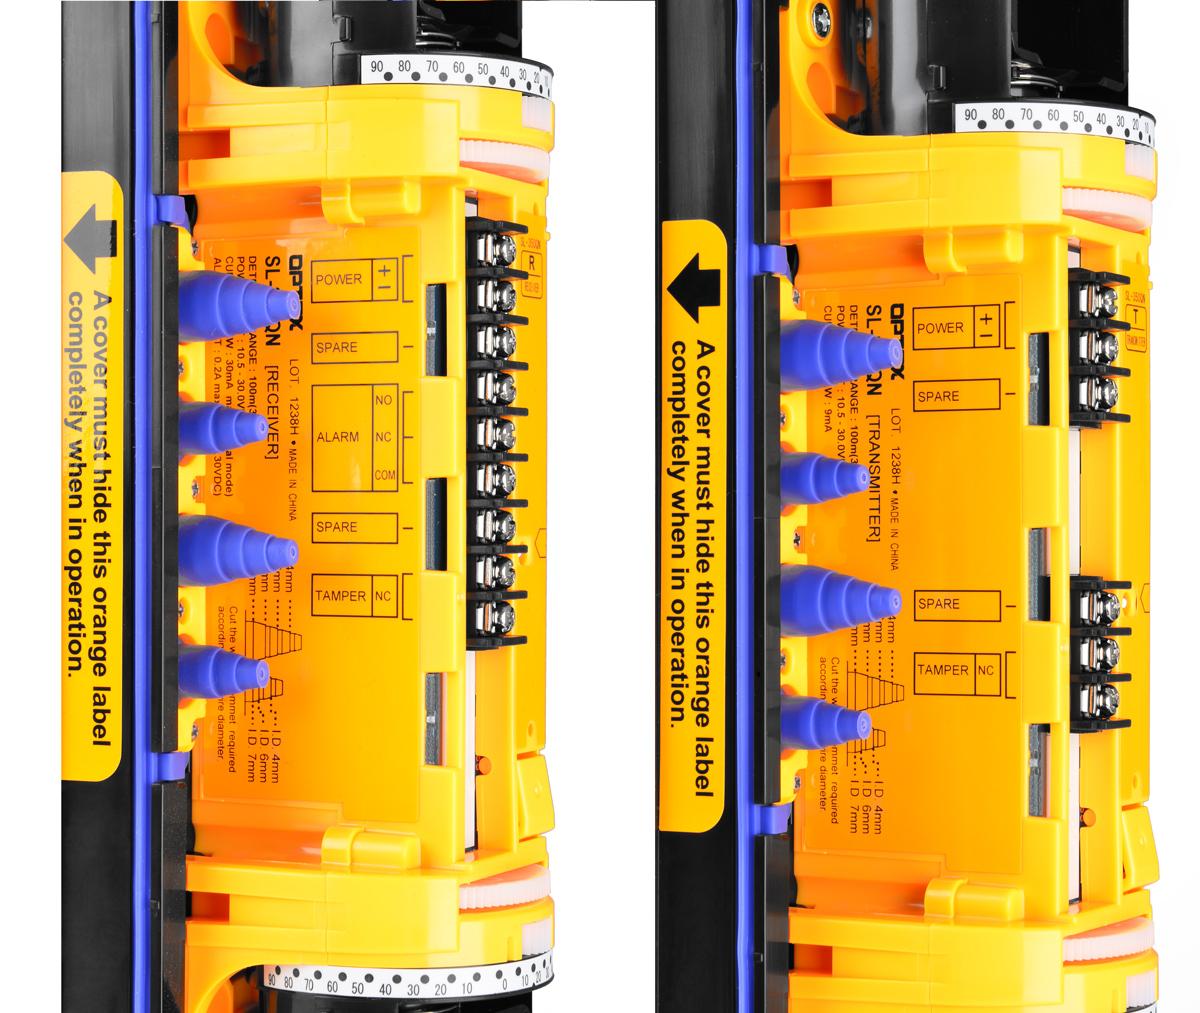 Zaciski śrubowe umożliwiają łatwe i wygodne podłączenie przewodów